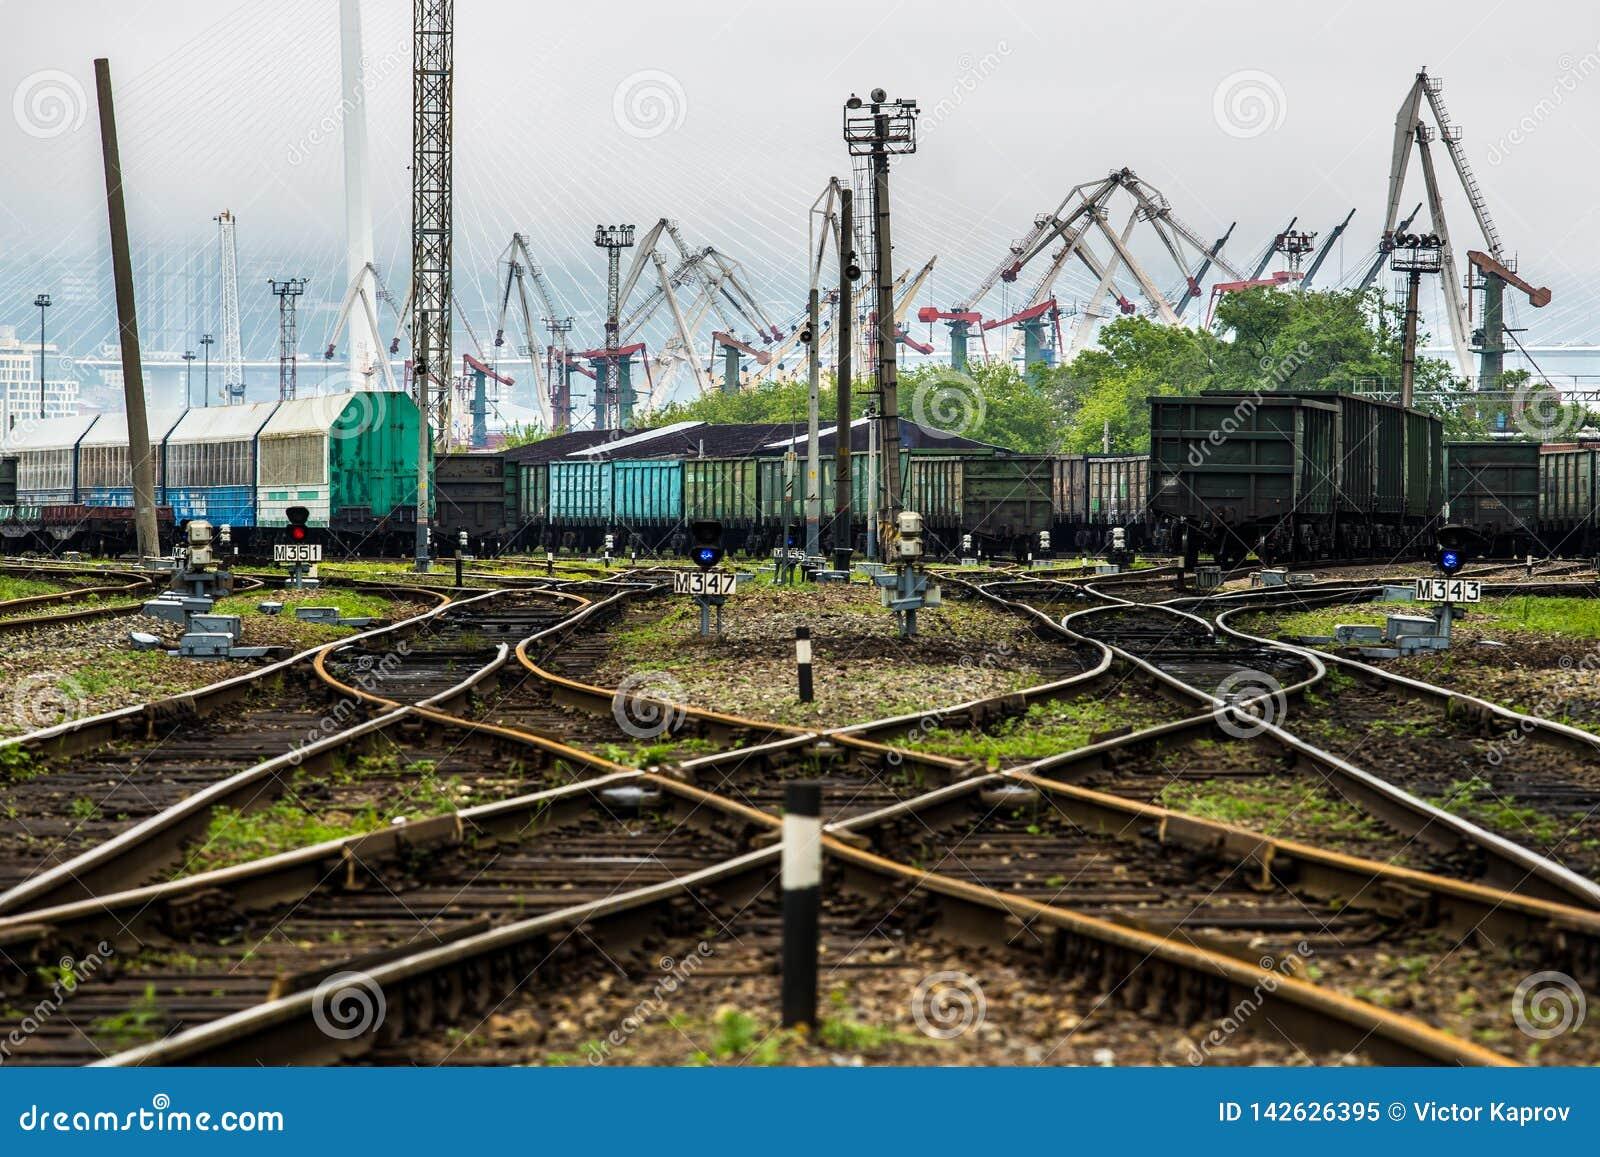 Järnvägsspår och porten i bakgrunden